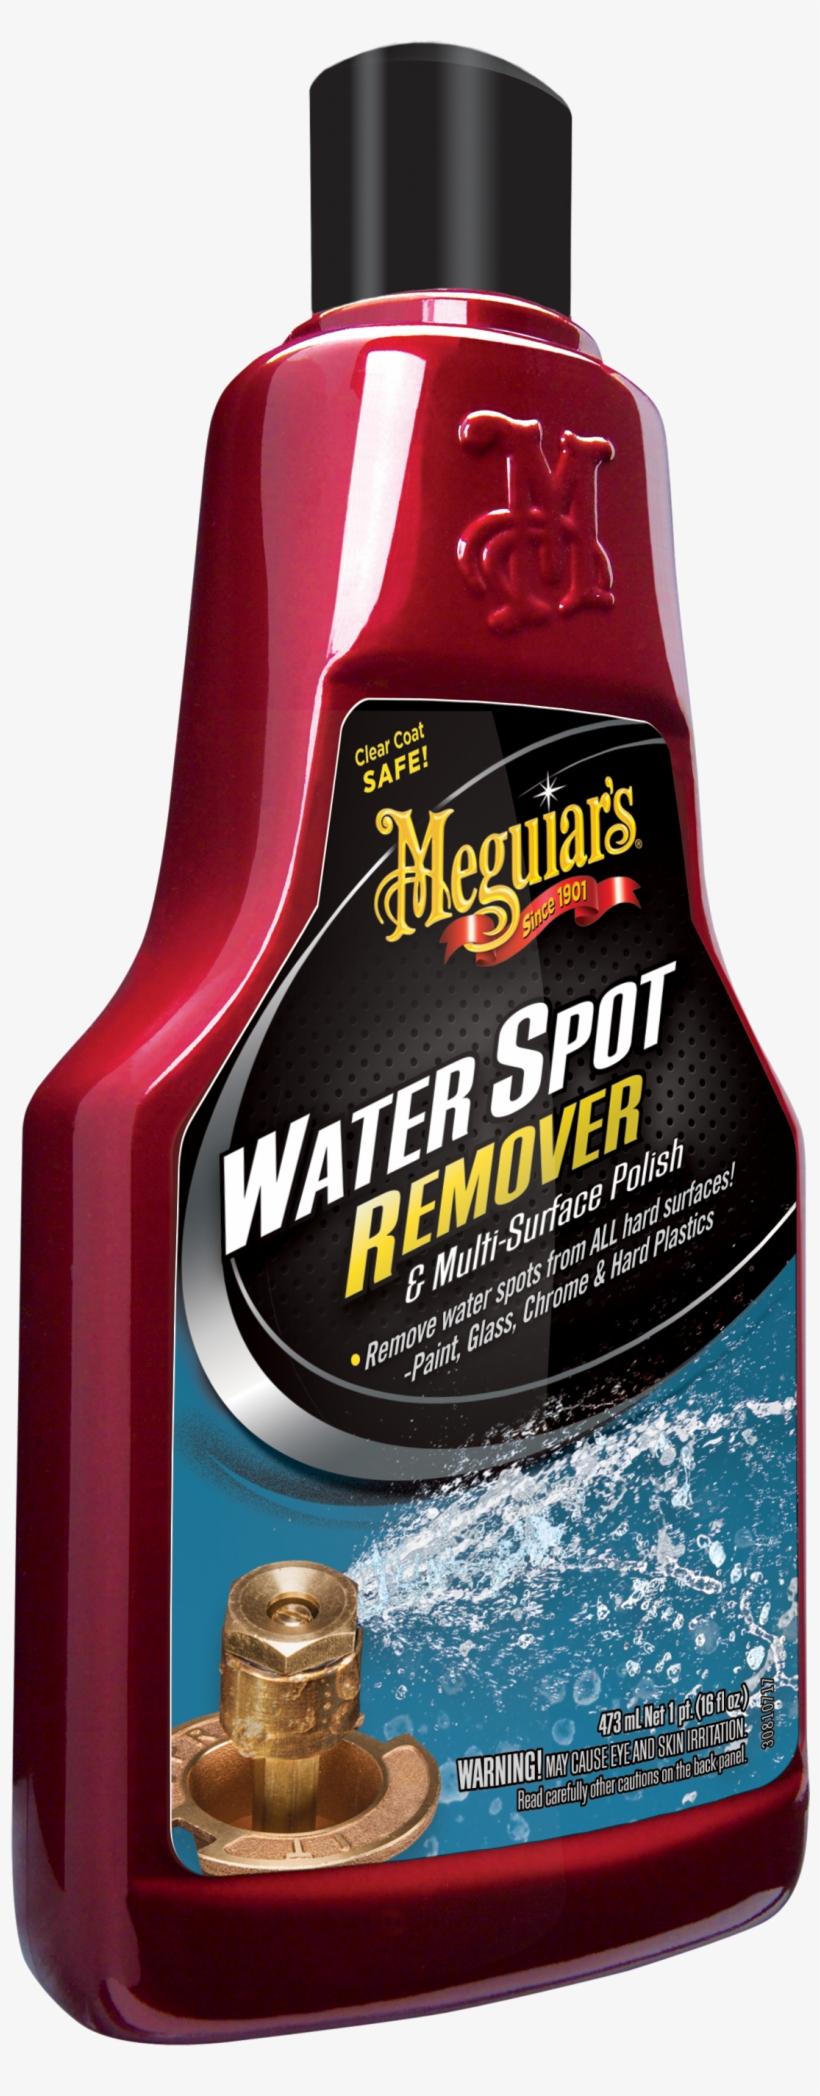 Meguiars Water Spot Remover A Oz Liquid Meguiars Png - Meguiars Water Spot Remover, transparent png #4077667